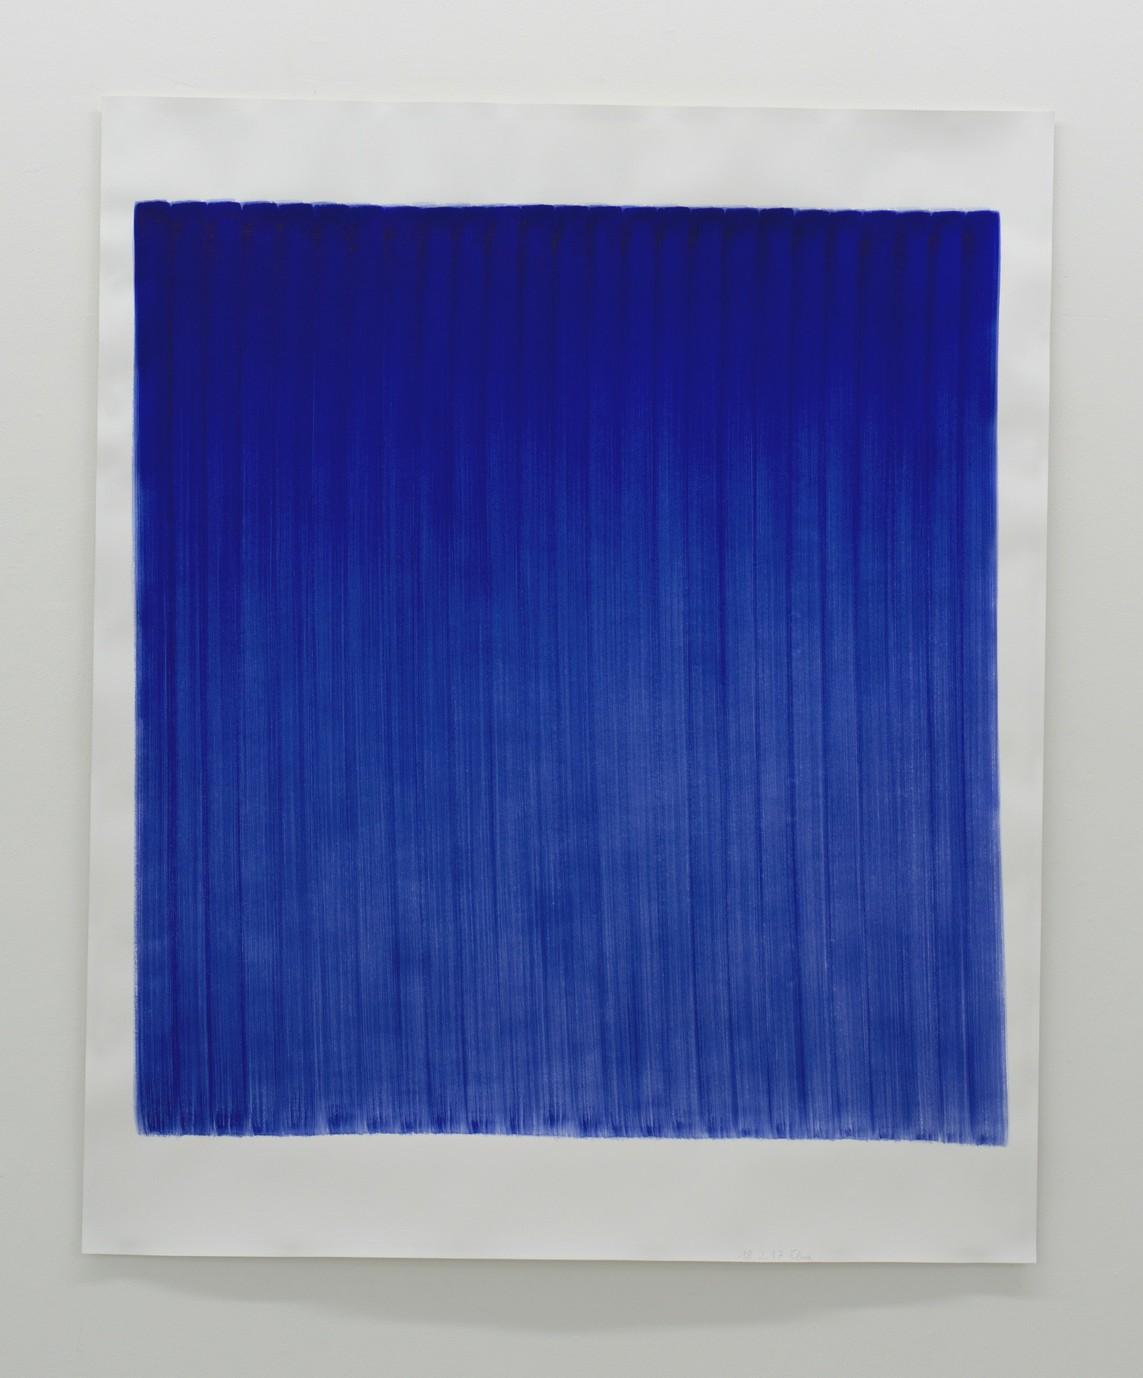 o.T. (18.2.17), Aquarell auf Papier, 2017, 184 x 152 cm